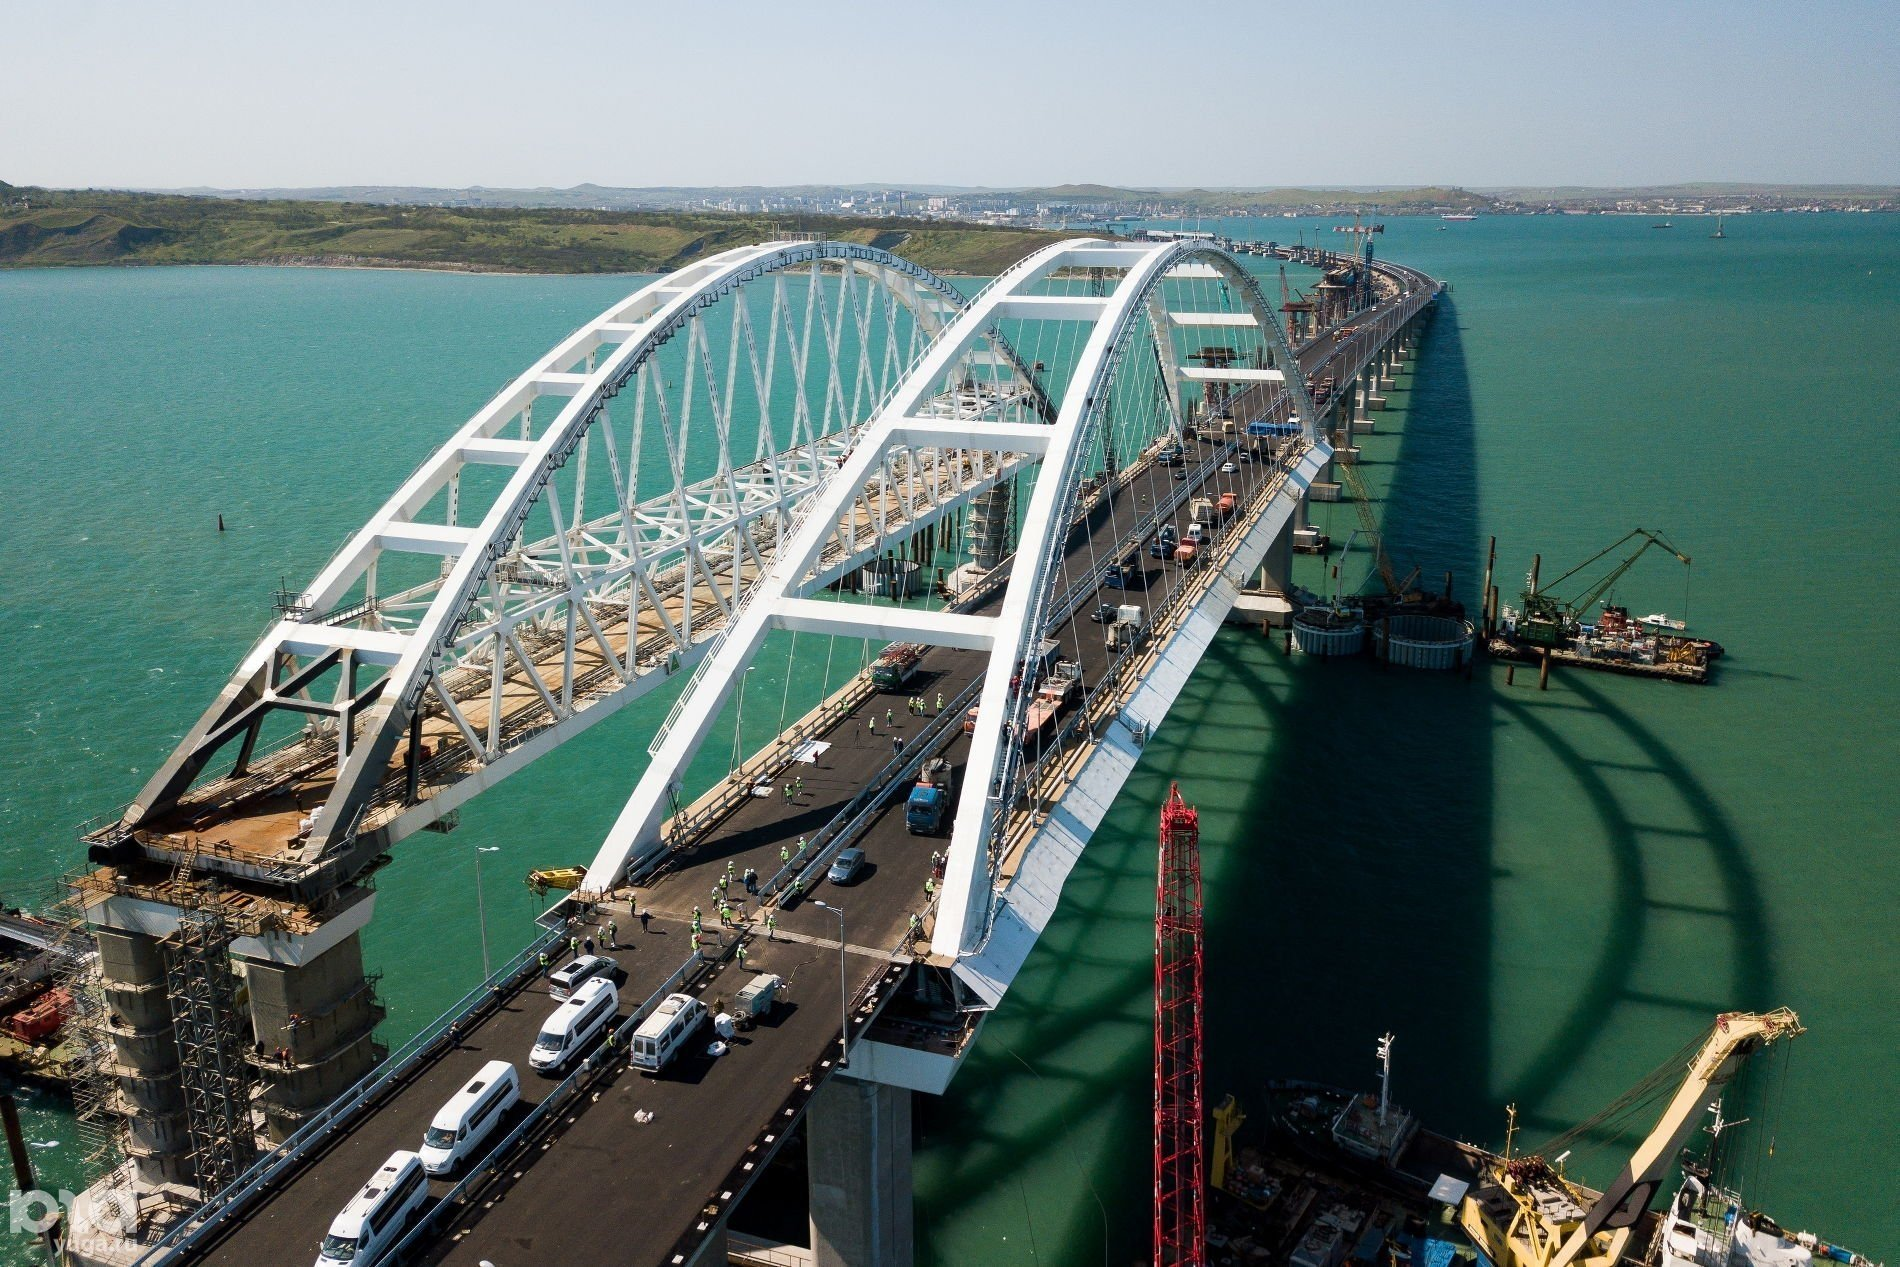 Виновато землетрясение: в Украине заявили, что Крымский мост начал разваливаться